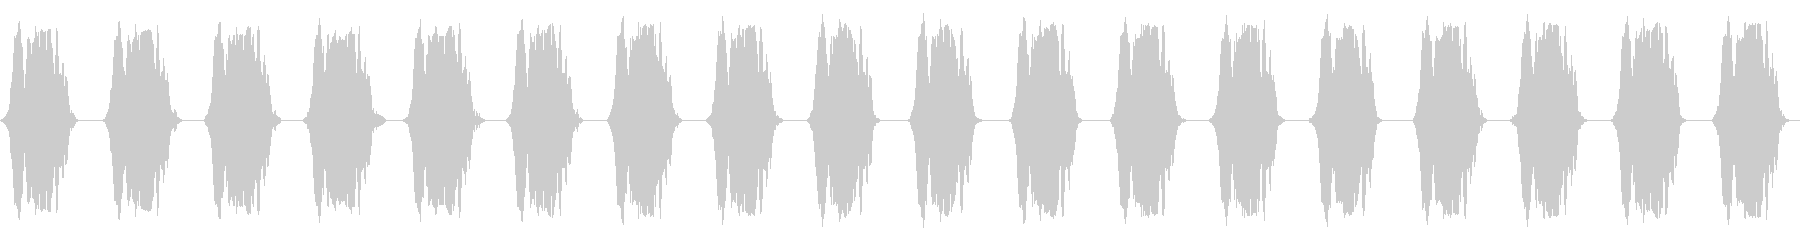 携帯電話 バイブレーション02-03(クの未再生の波形